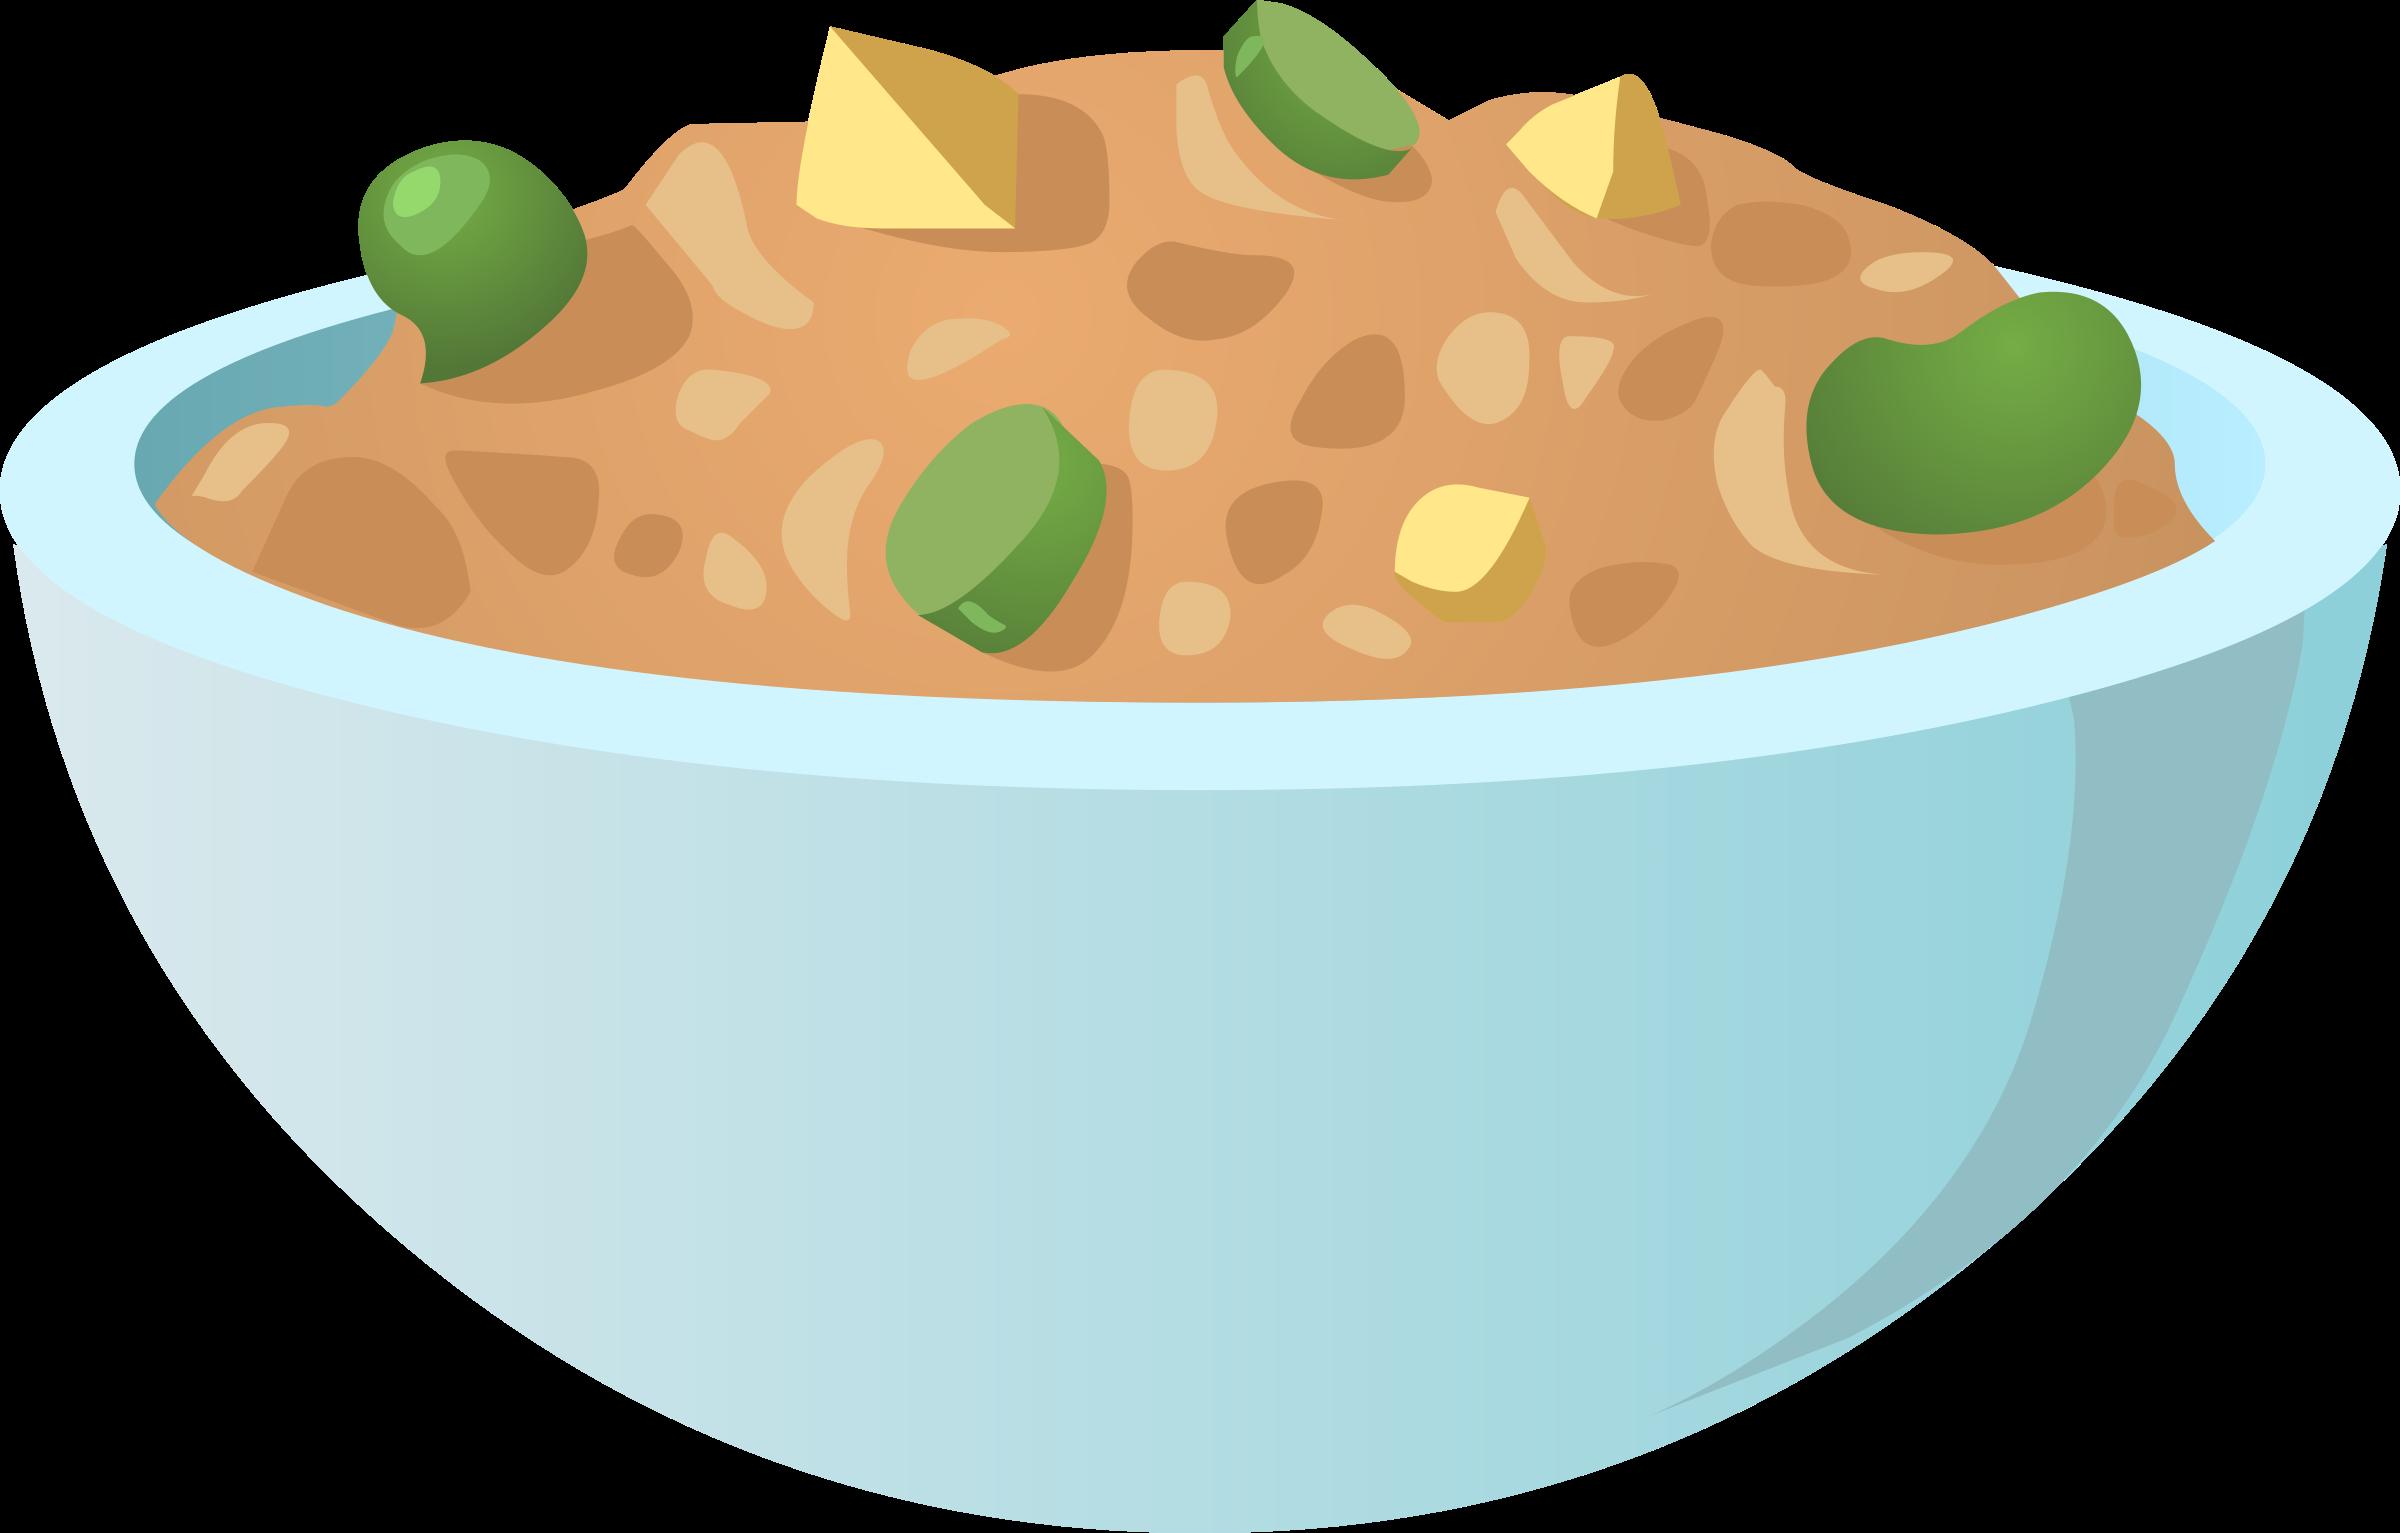 Bean clipart bowl bean. Food best dip icons